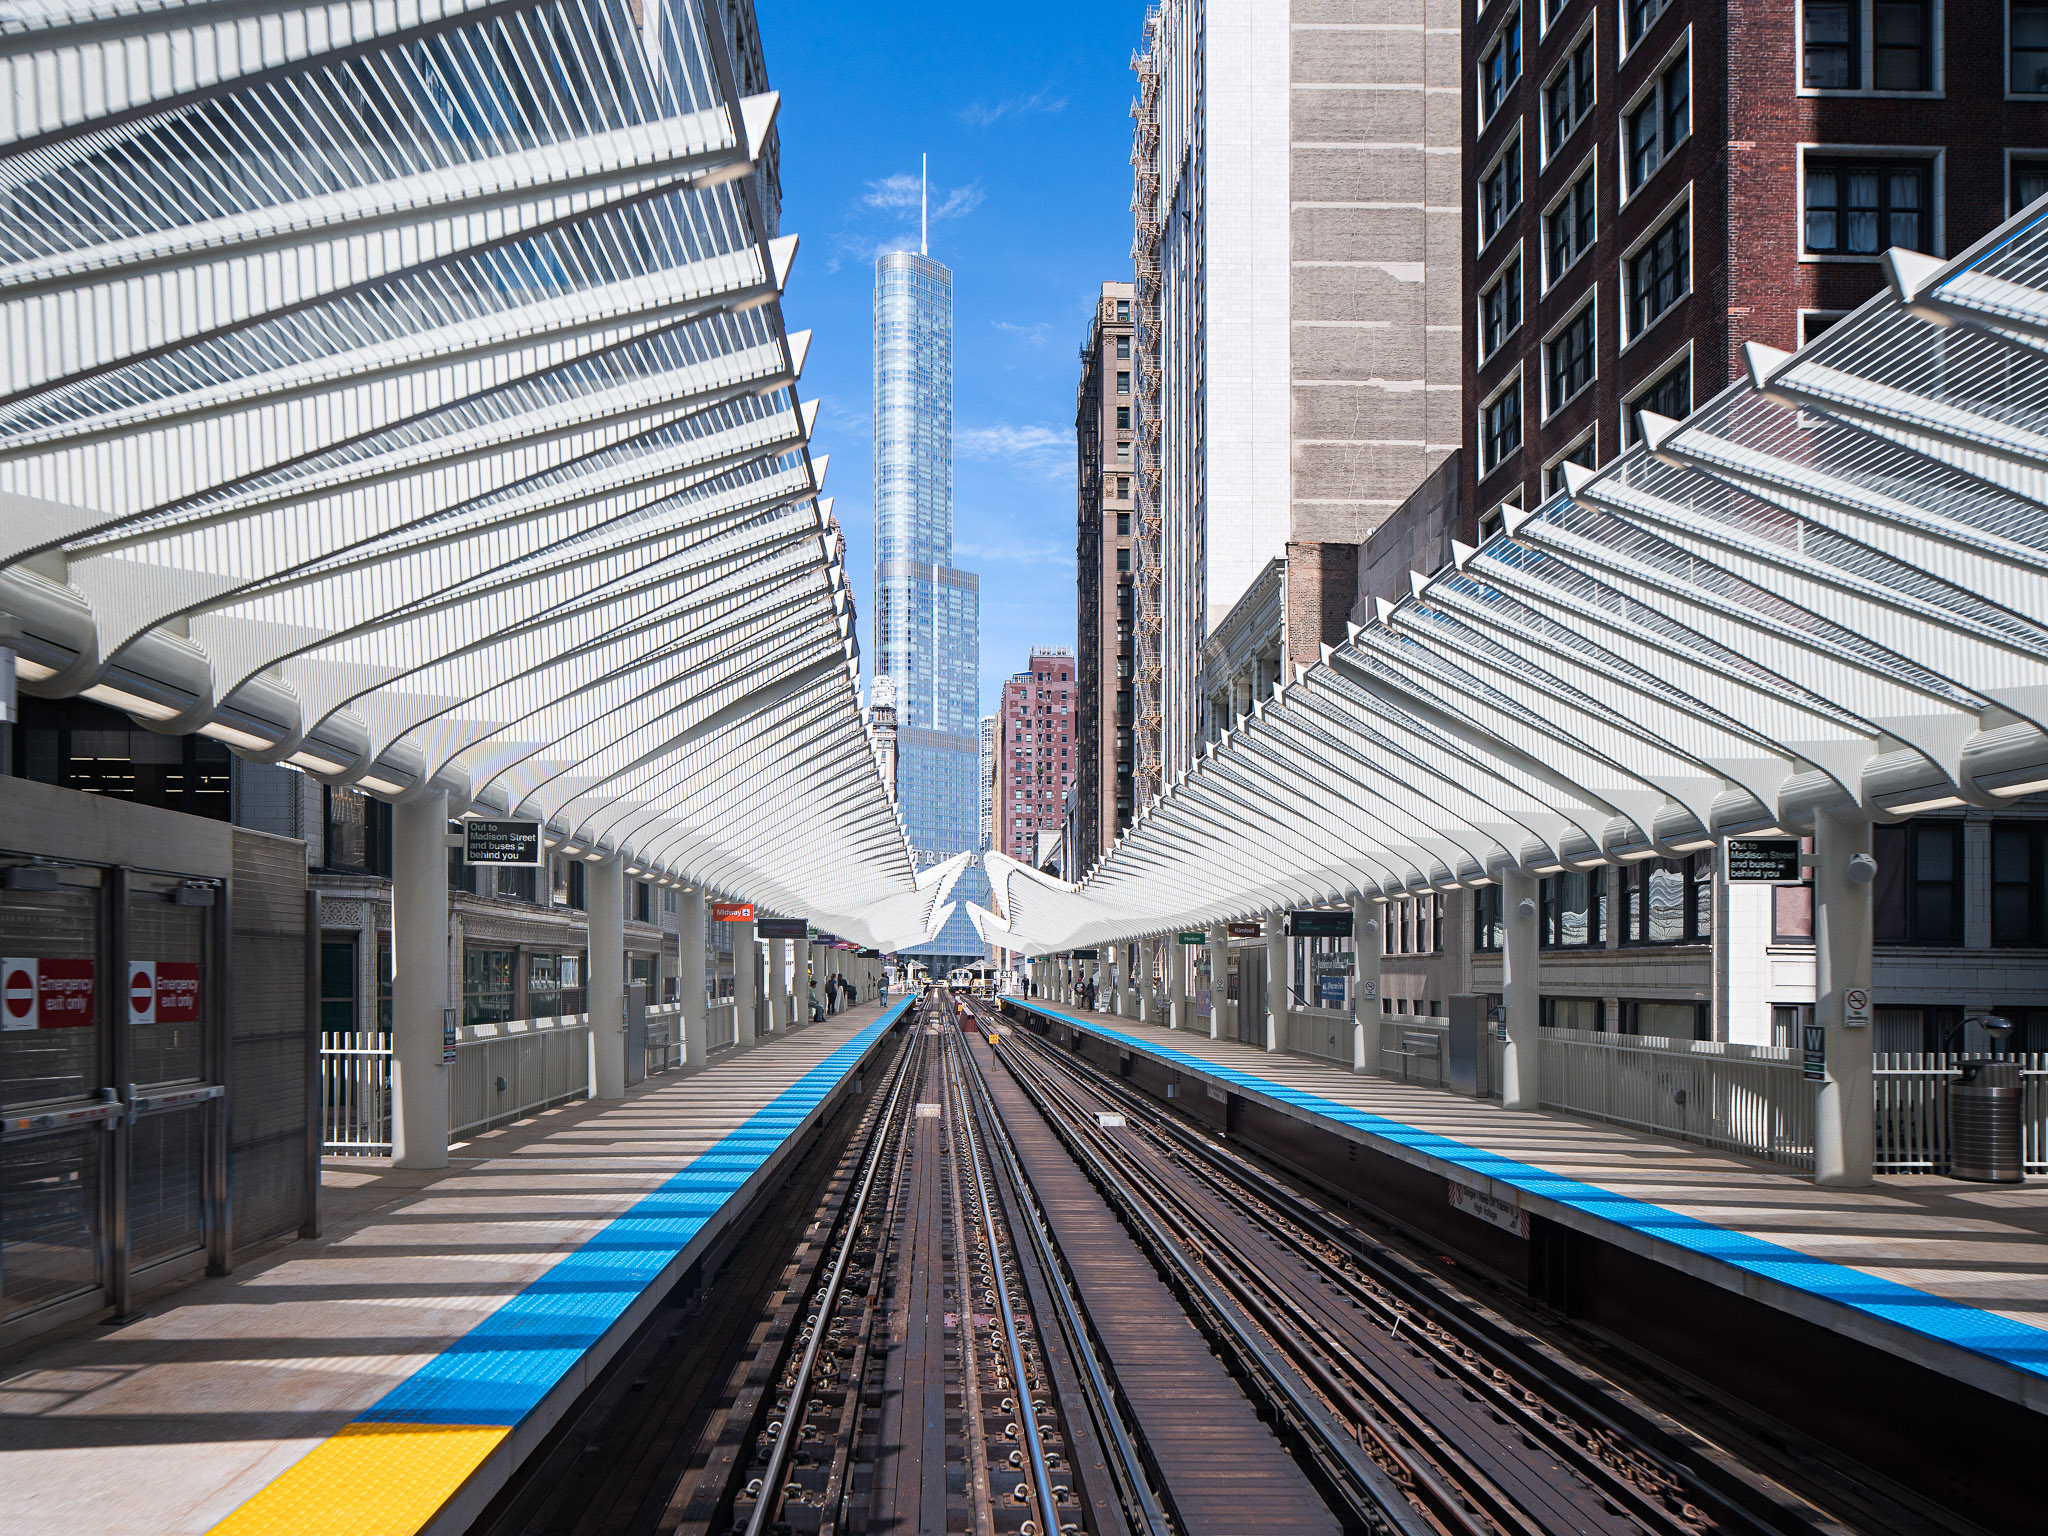 Washington-Wabash Station 10 2048.jpg